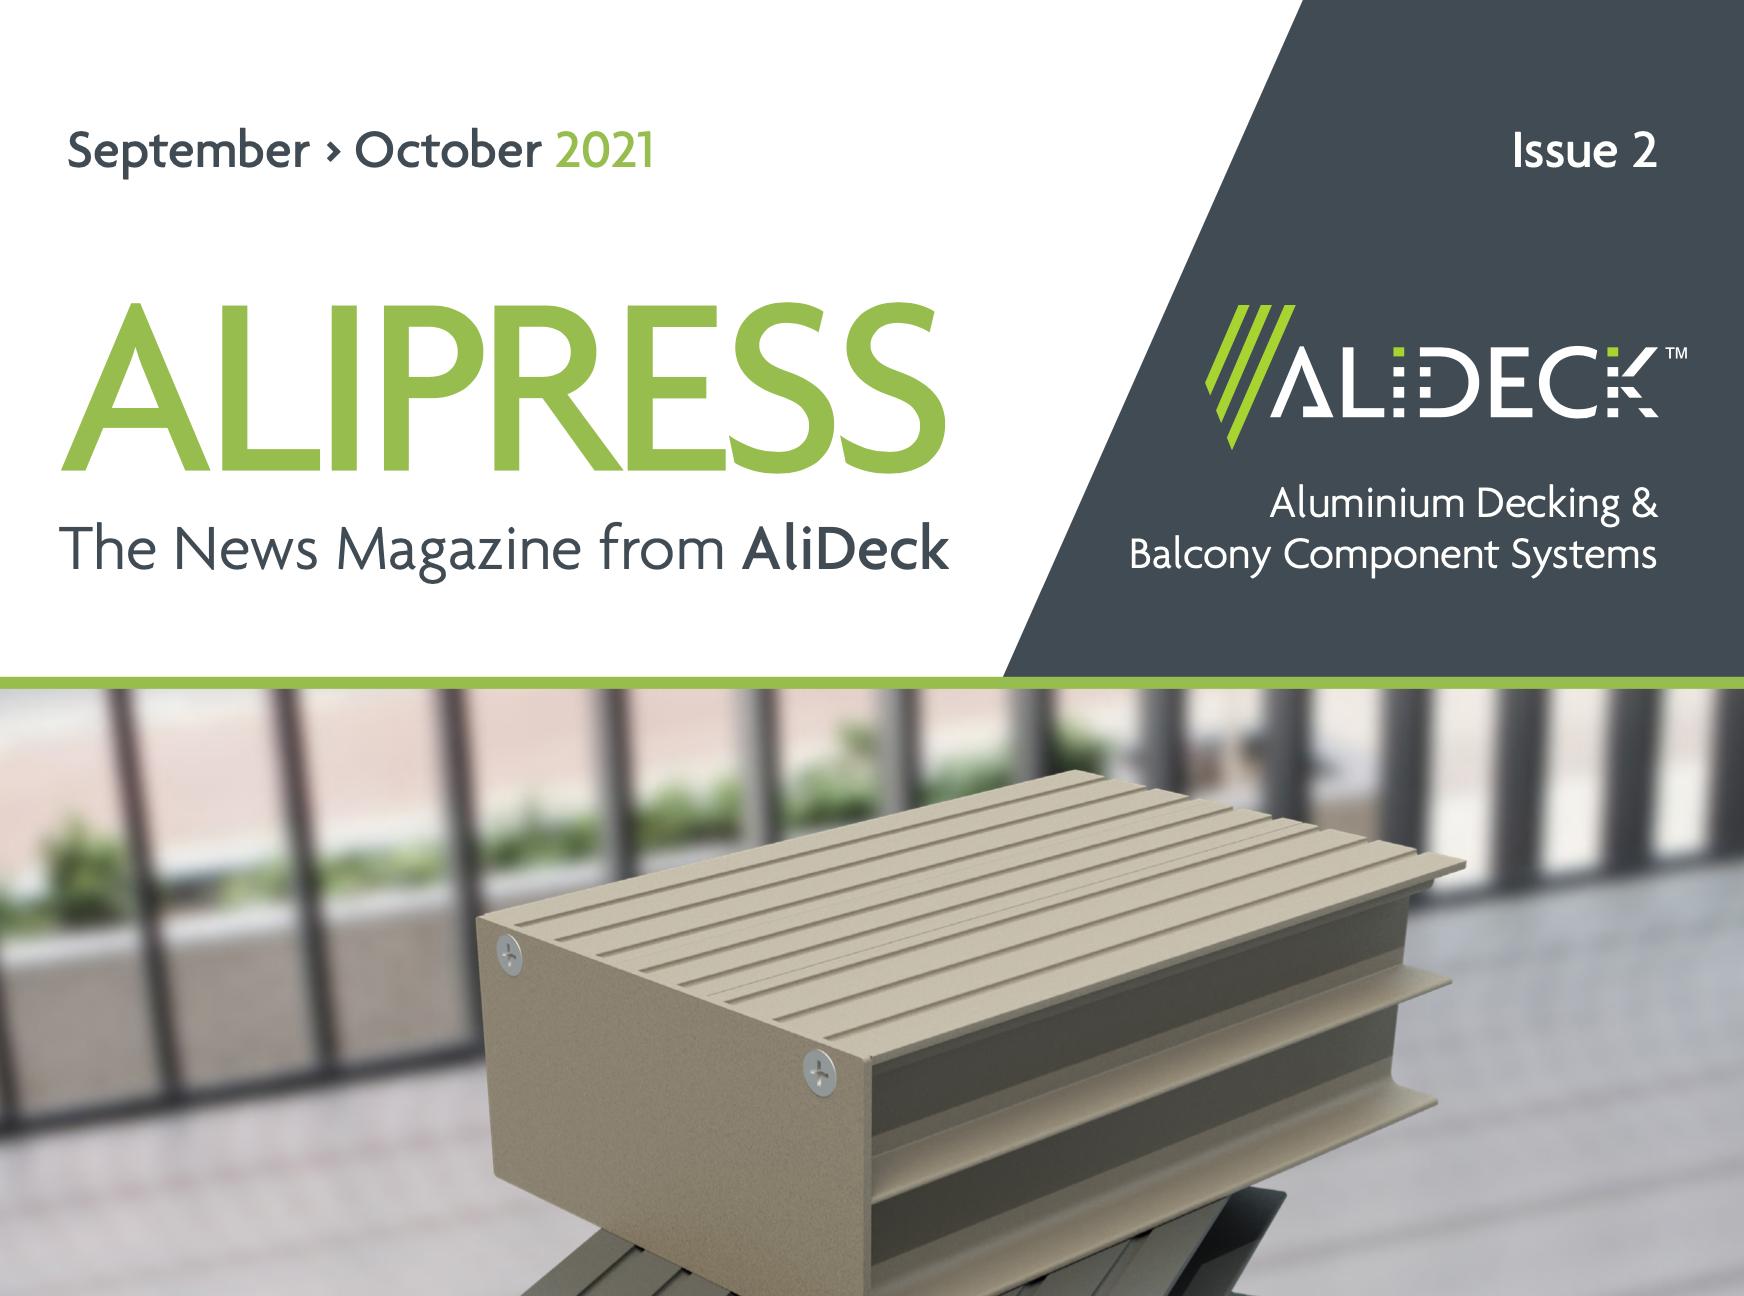 AliDeck Aluminium Decking September October Issue of AliPress